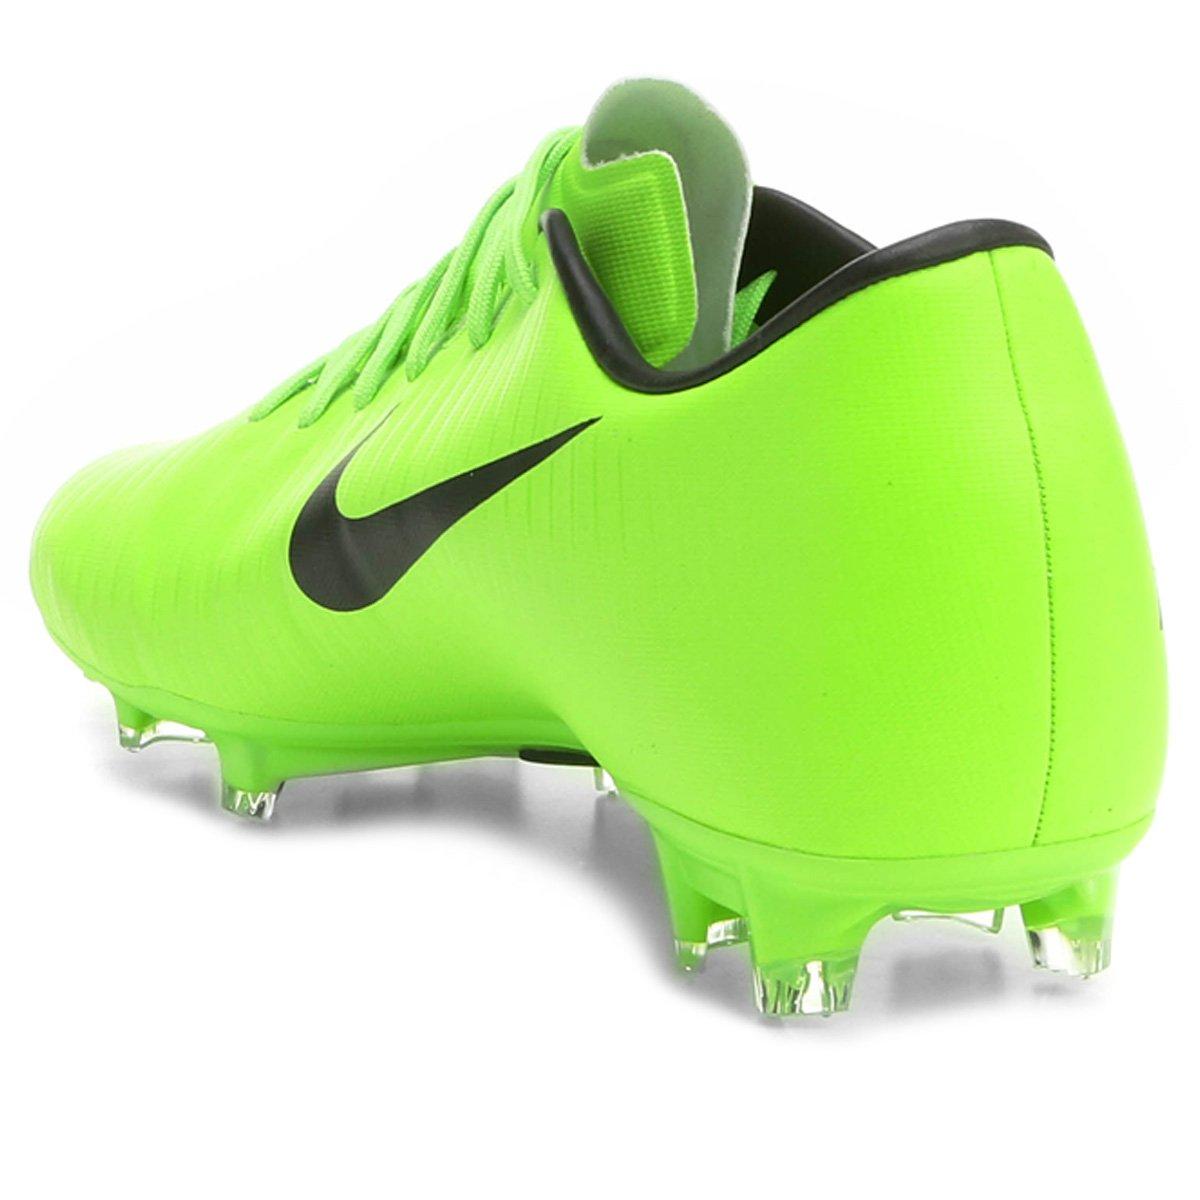 b36801a3e6 Chuteira Campo Nike Mercurial Victory 6 FG - Compre Agora